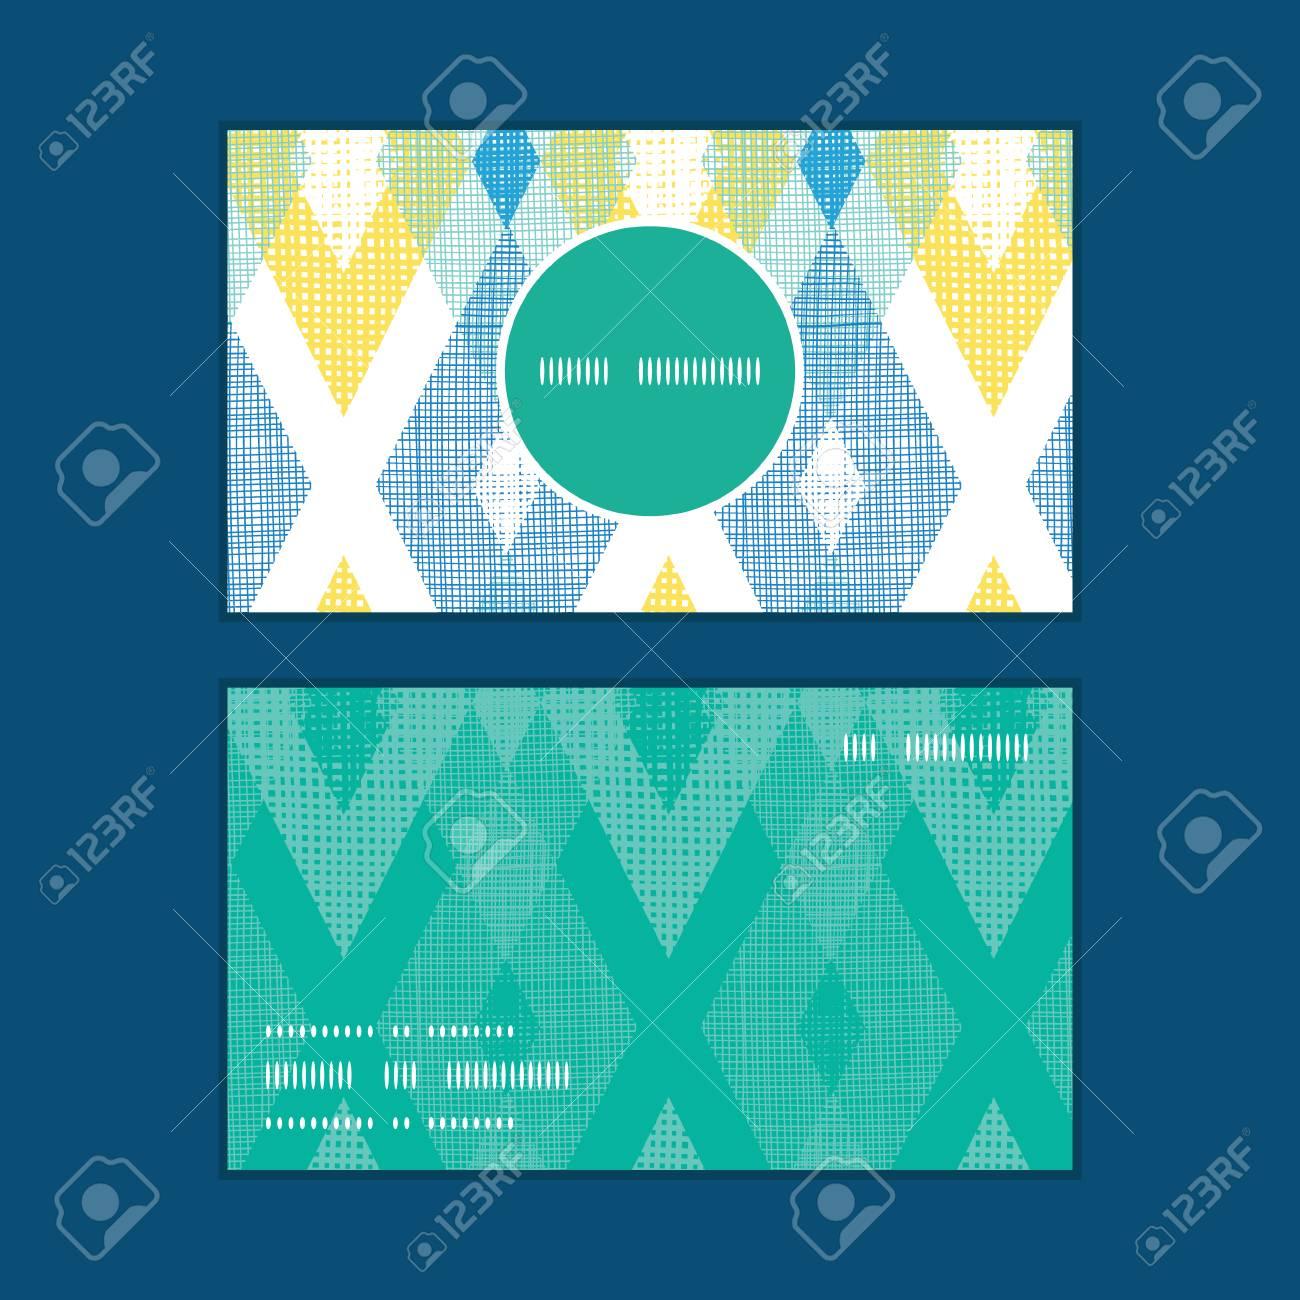 Vecteur Color Diamant Tissu Ikat Cadre Rond Vertical Modle Cartes